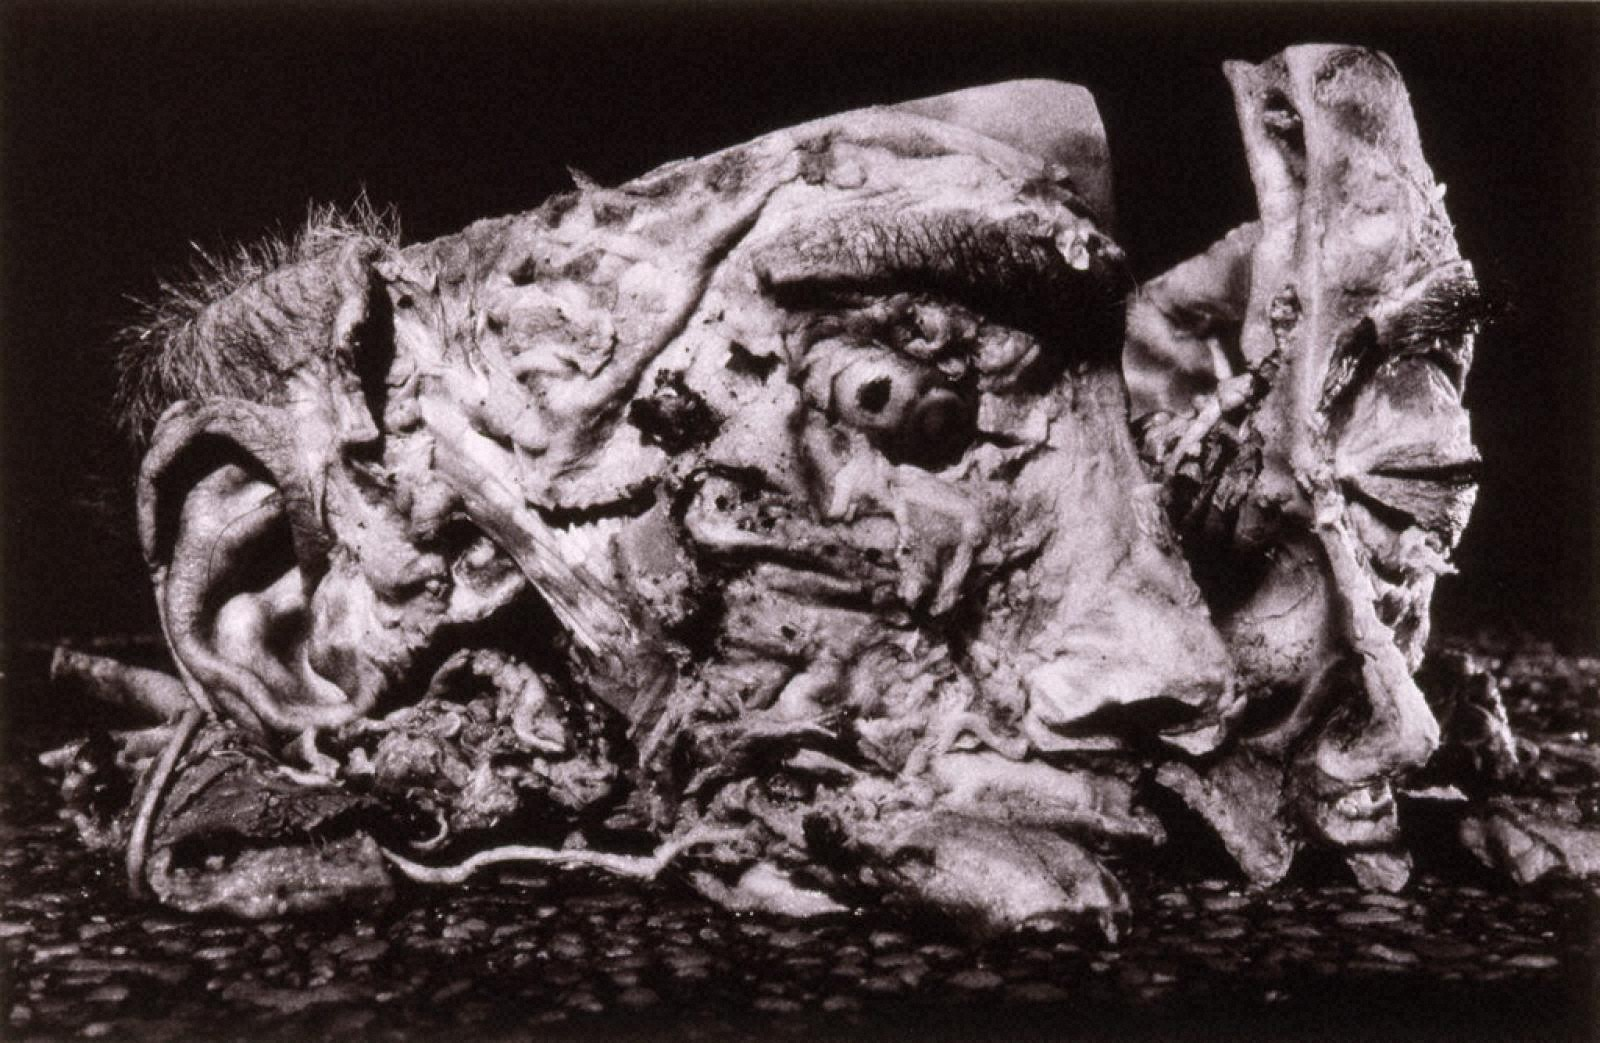 INOSE Kou 1982-2000